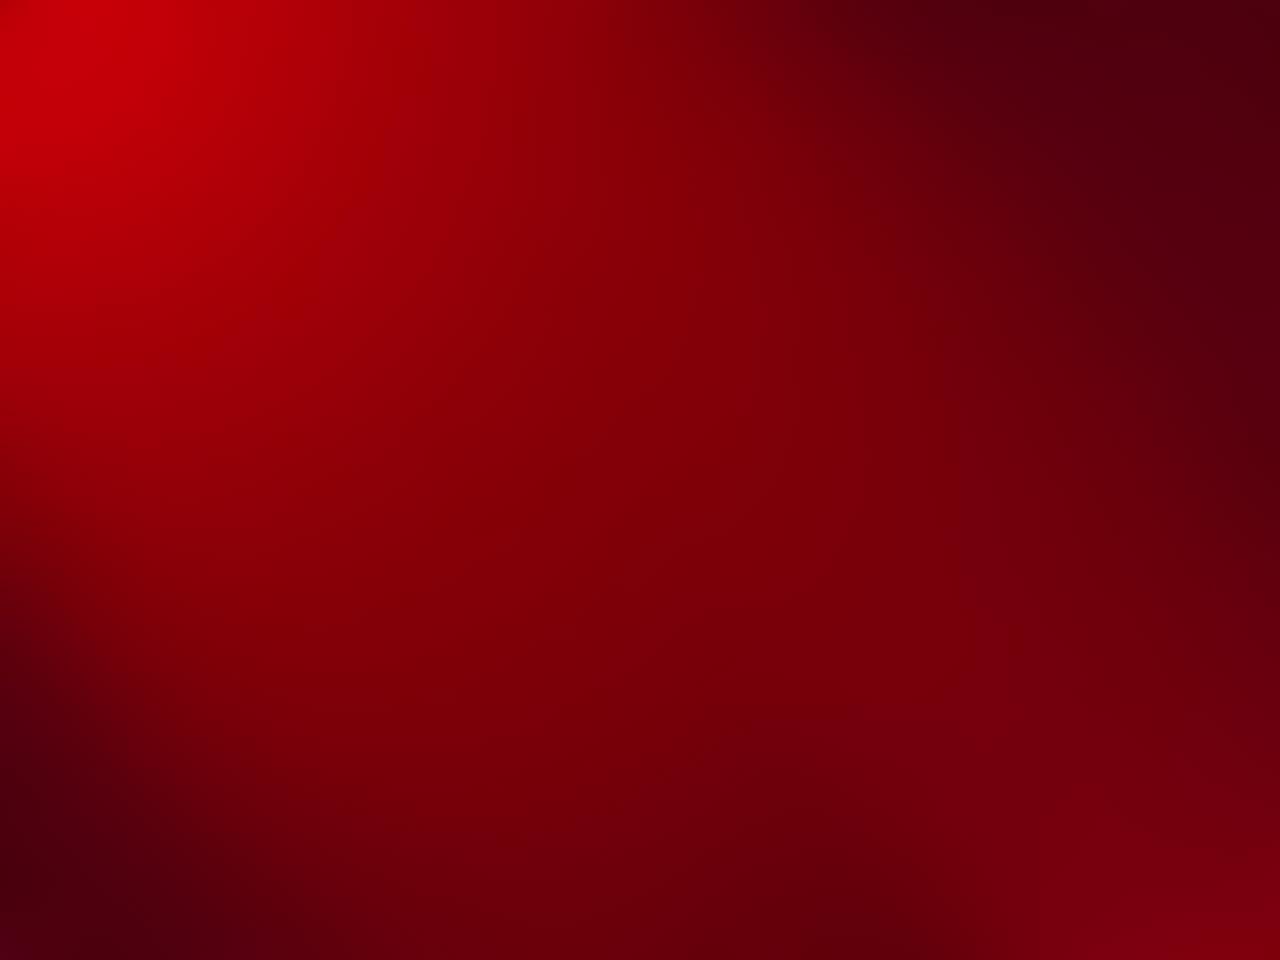 Как сделать с красным фоном